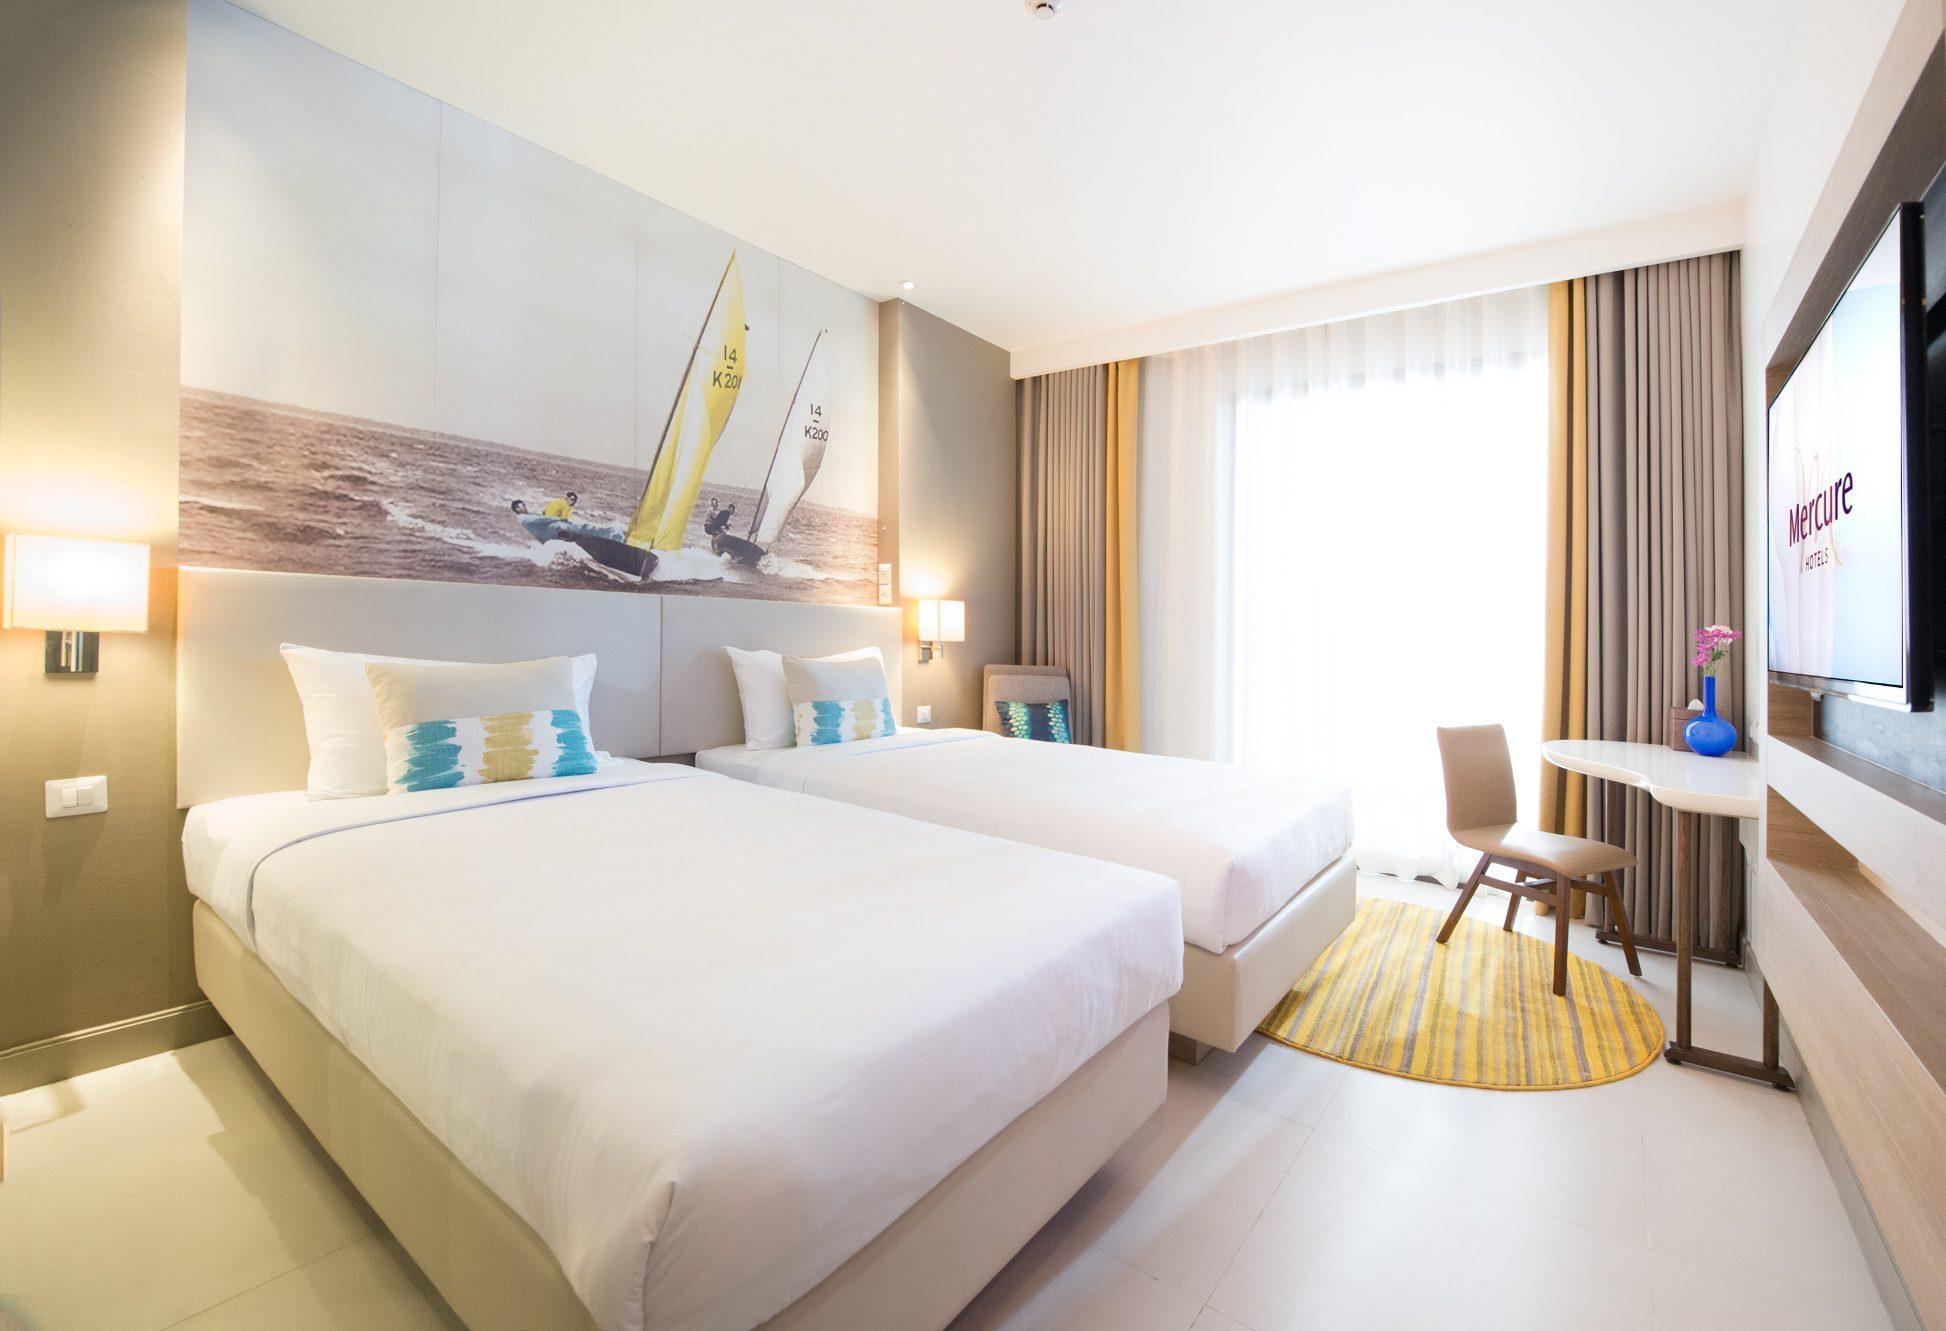 โปรโมชั่นห้องพักซูเปอร์ แอดวานซ์ เซฟเวอร์ (Super Advance Saver) ที่โรงแรมเมอร์เคียว พัทยา โอเชี่ยน รีสอร์ท